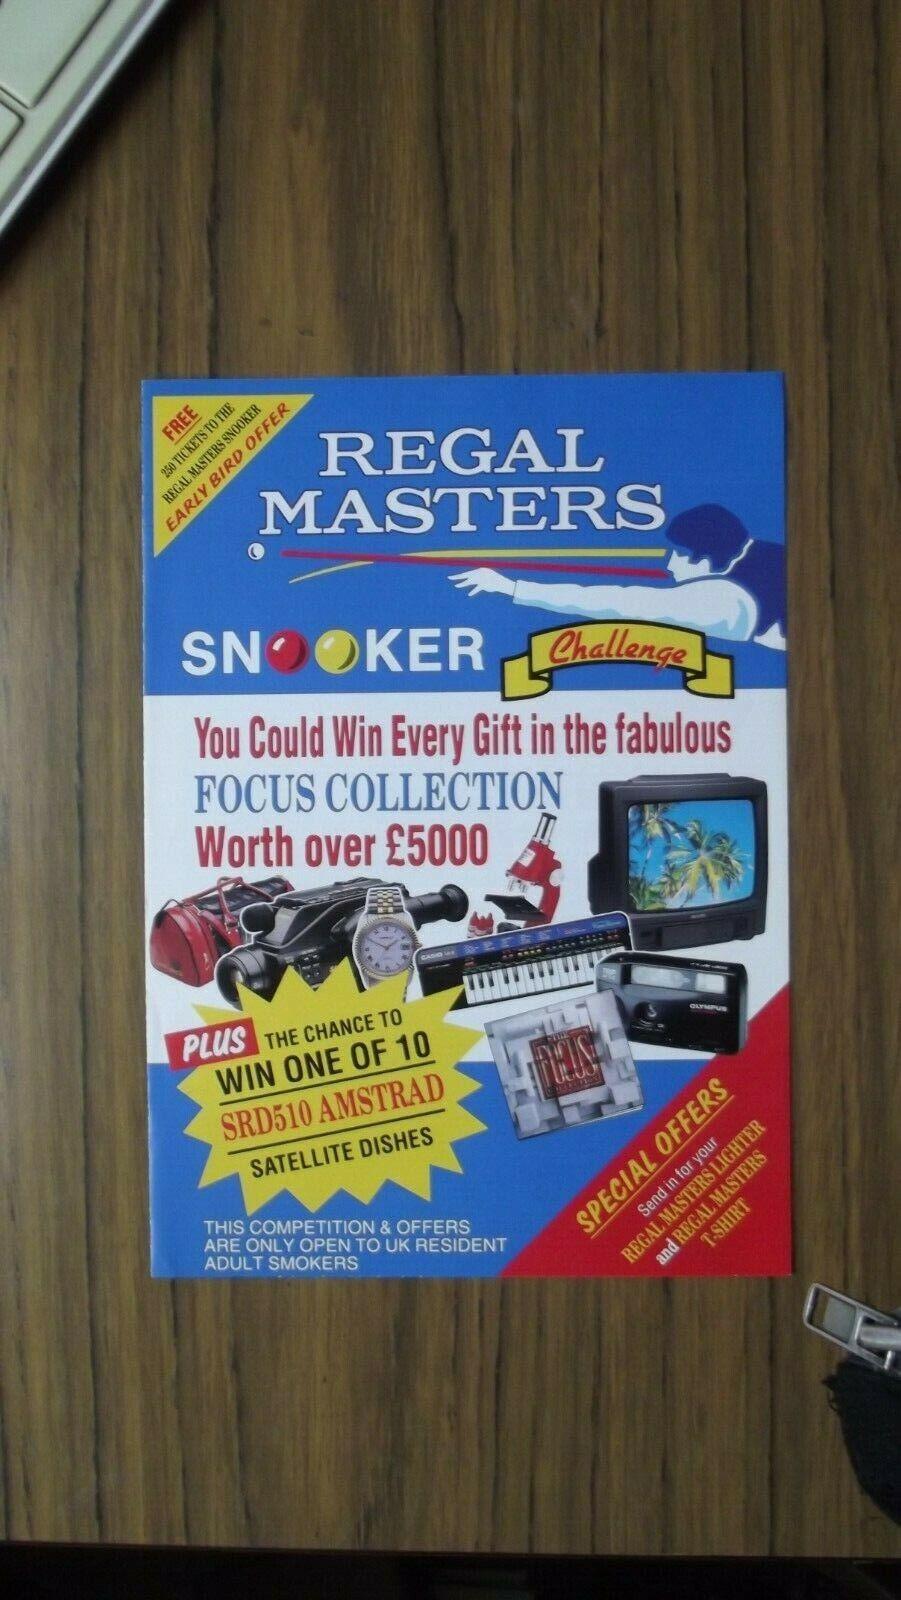 Regal Masters Snooker 1993 Snooker Challenge Advert Leaflet